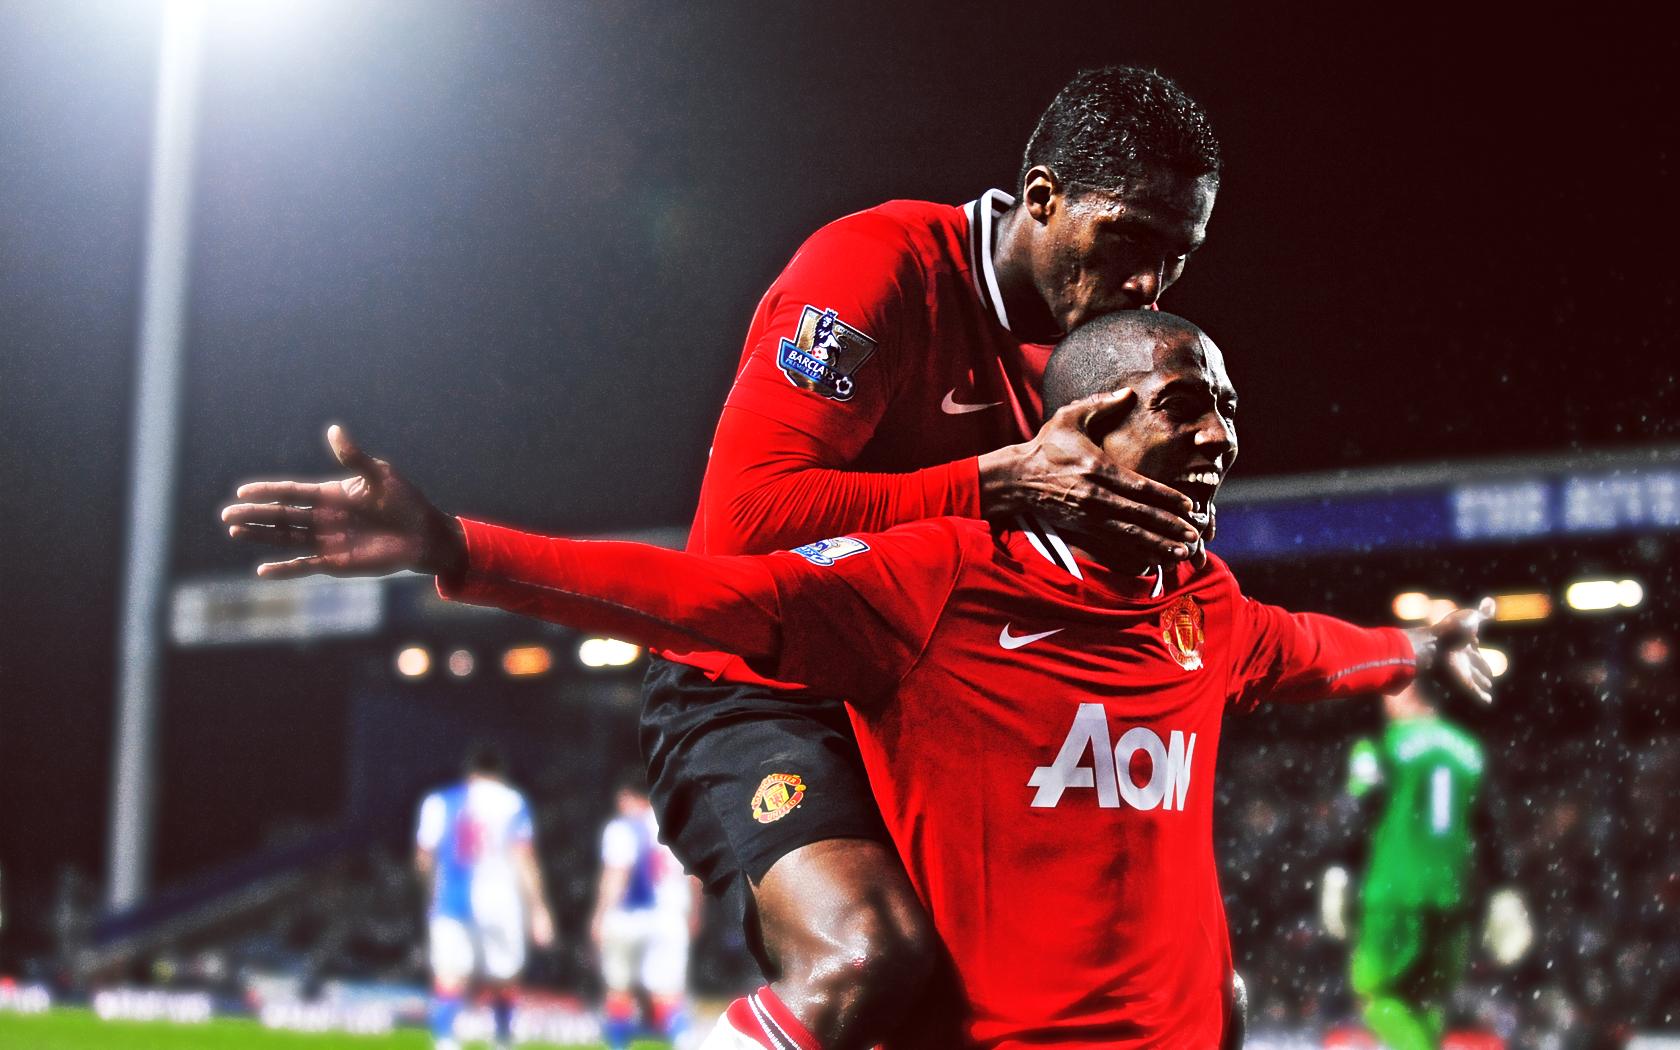 Mourinho lên để Young và Valencia đá tiền vệ và giải thoát họ khỏi nhiệm vụ phòng ngự